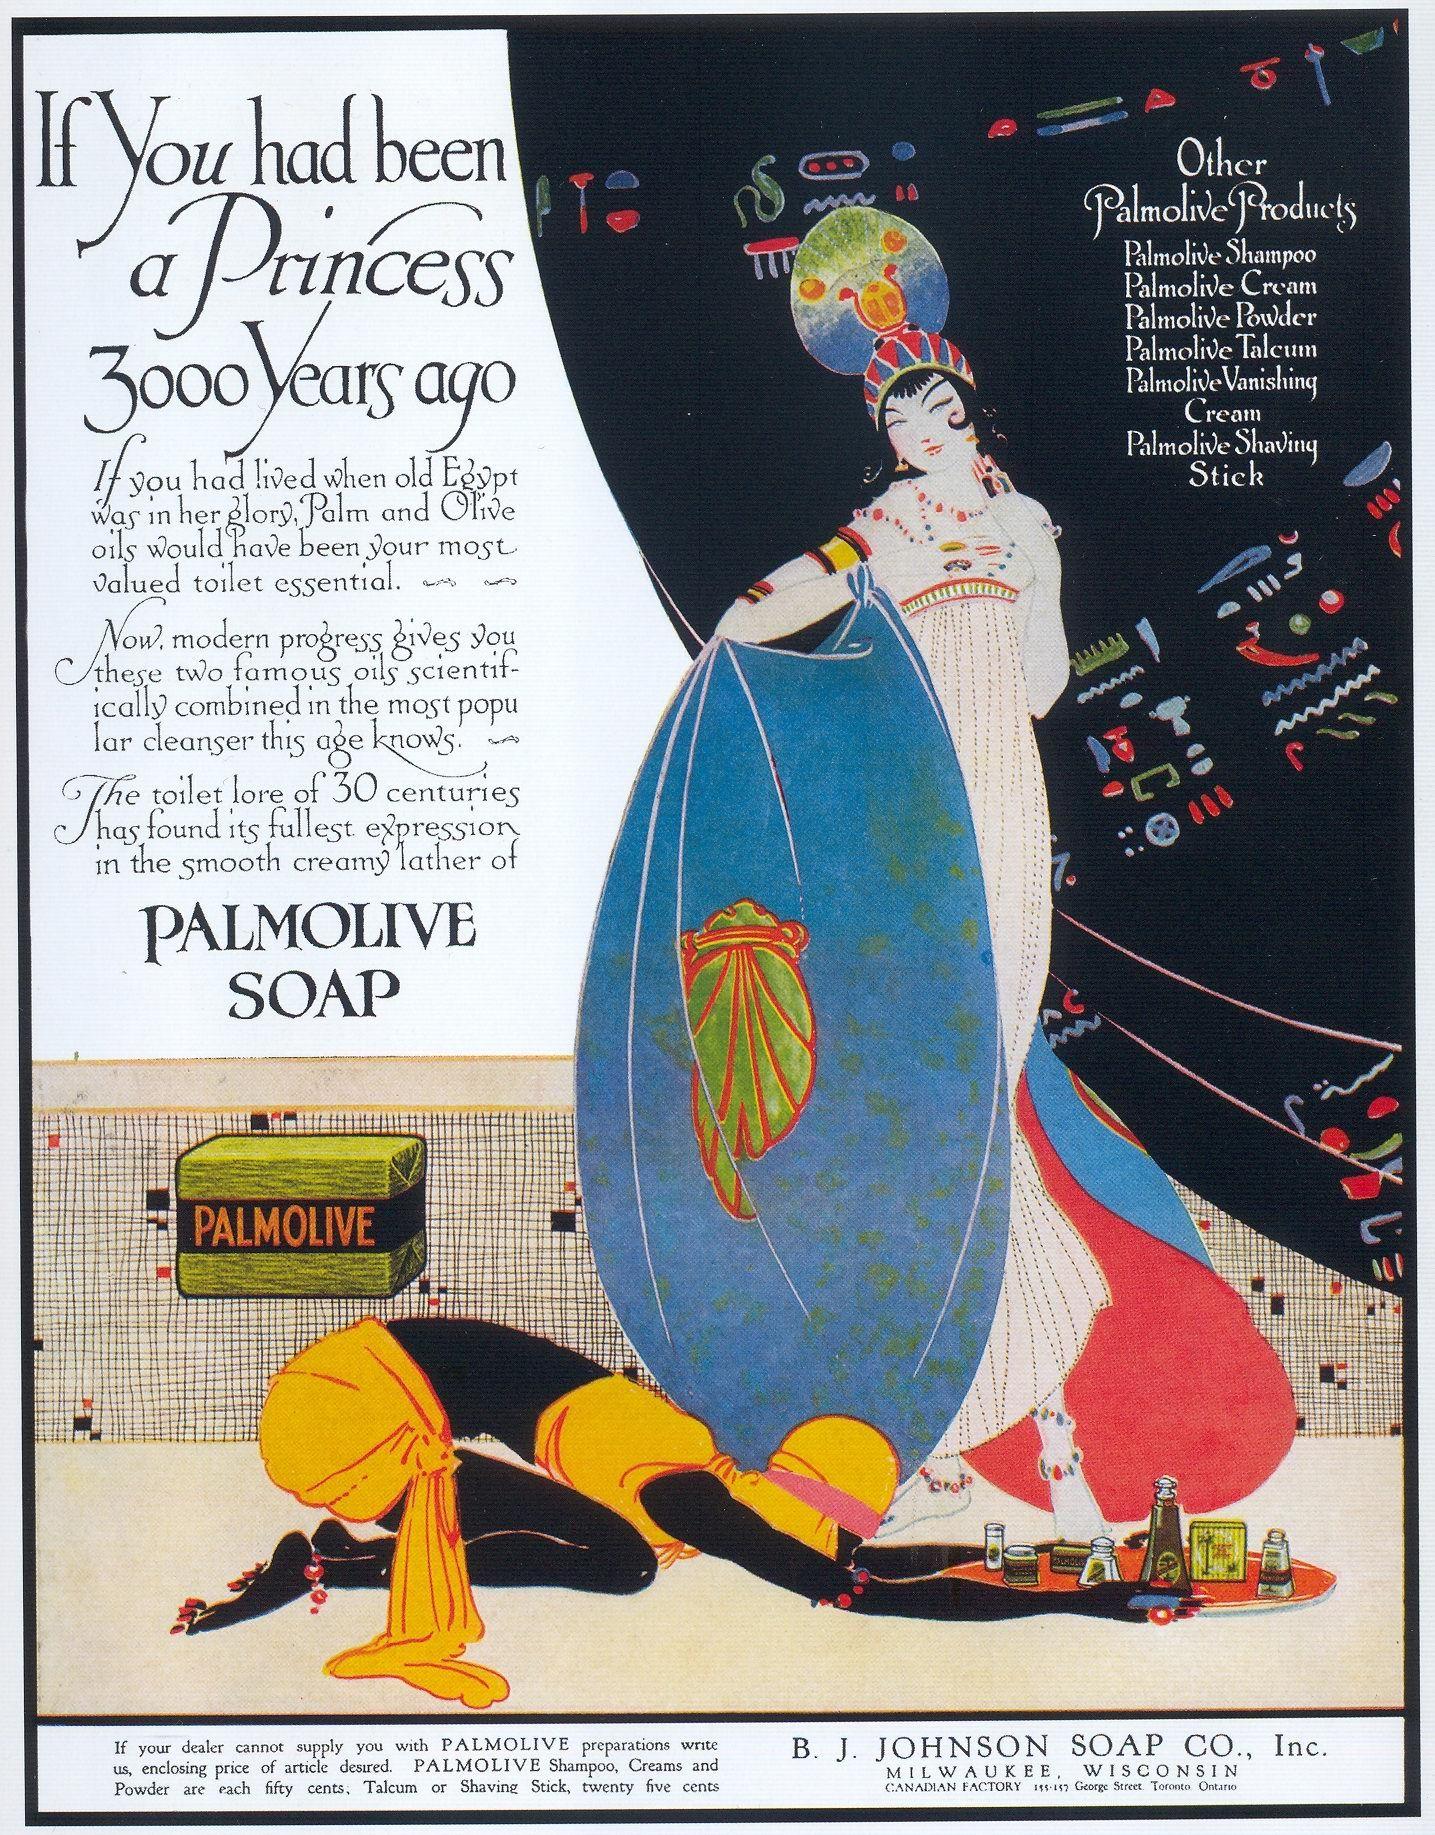 Palmolive Soap 1916 With Images Vintage Ads Vintage